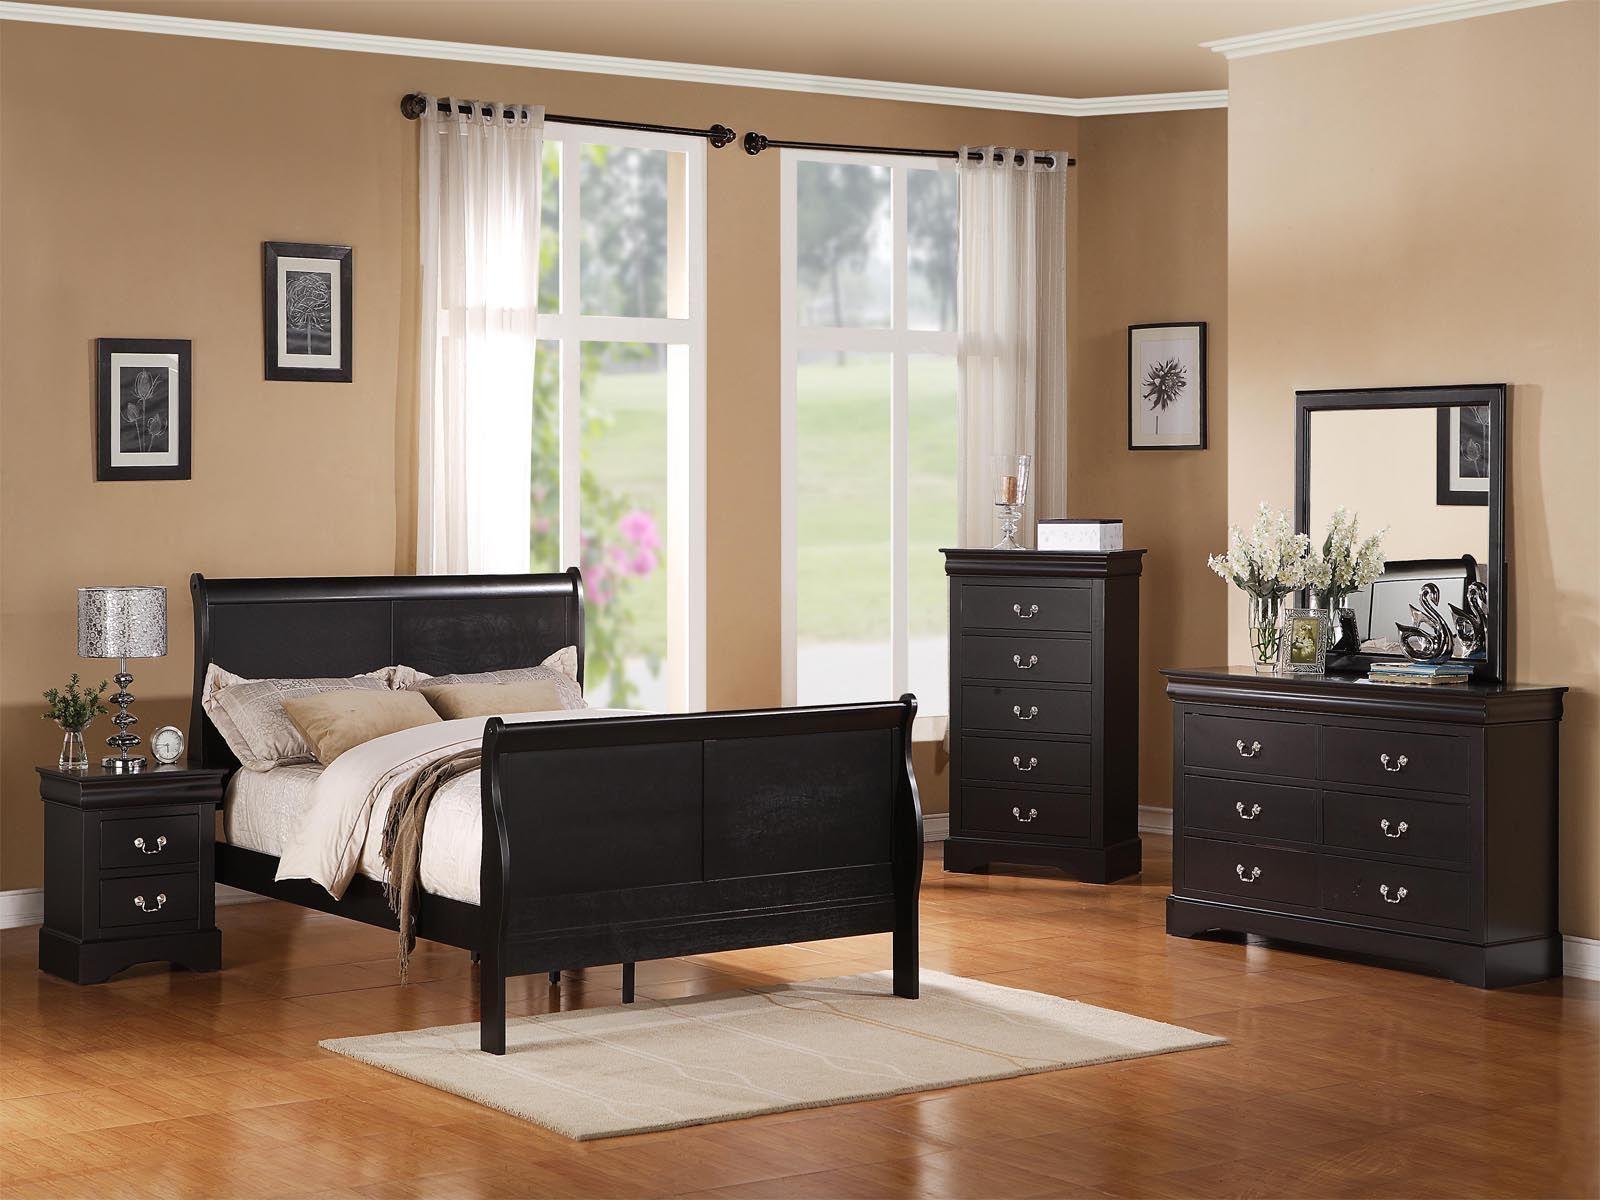 Schlafzimmer Schwarze Möbel